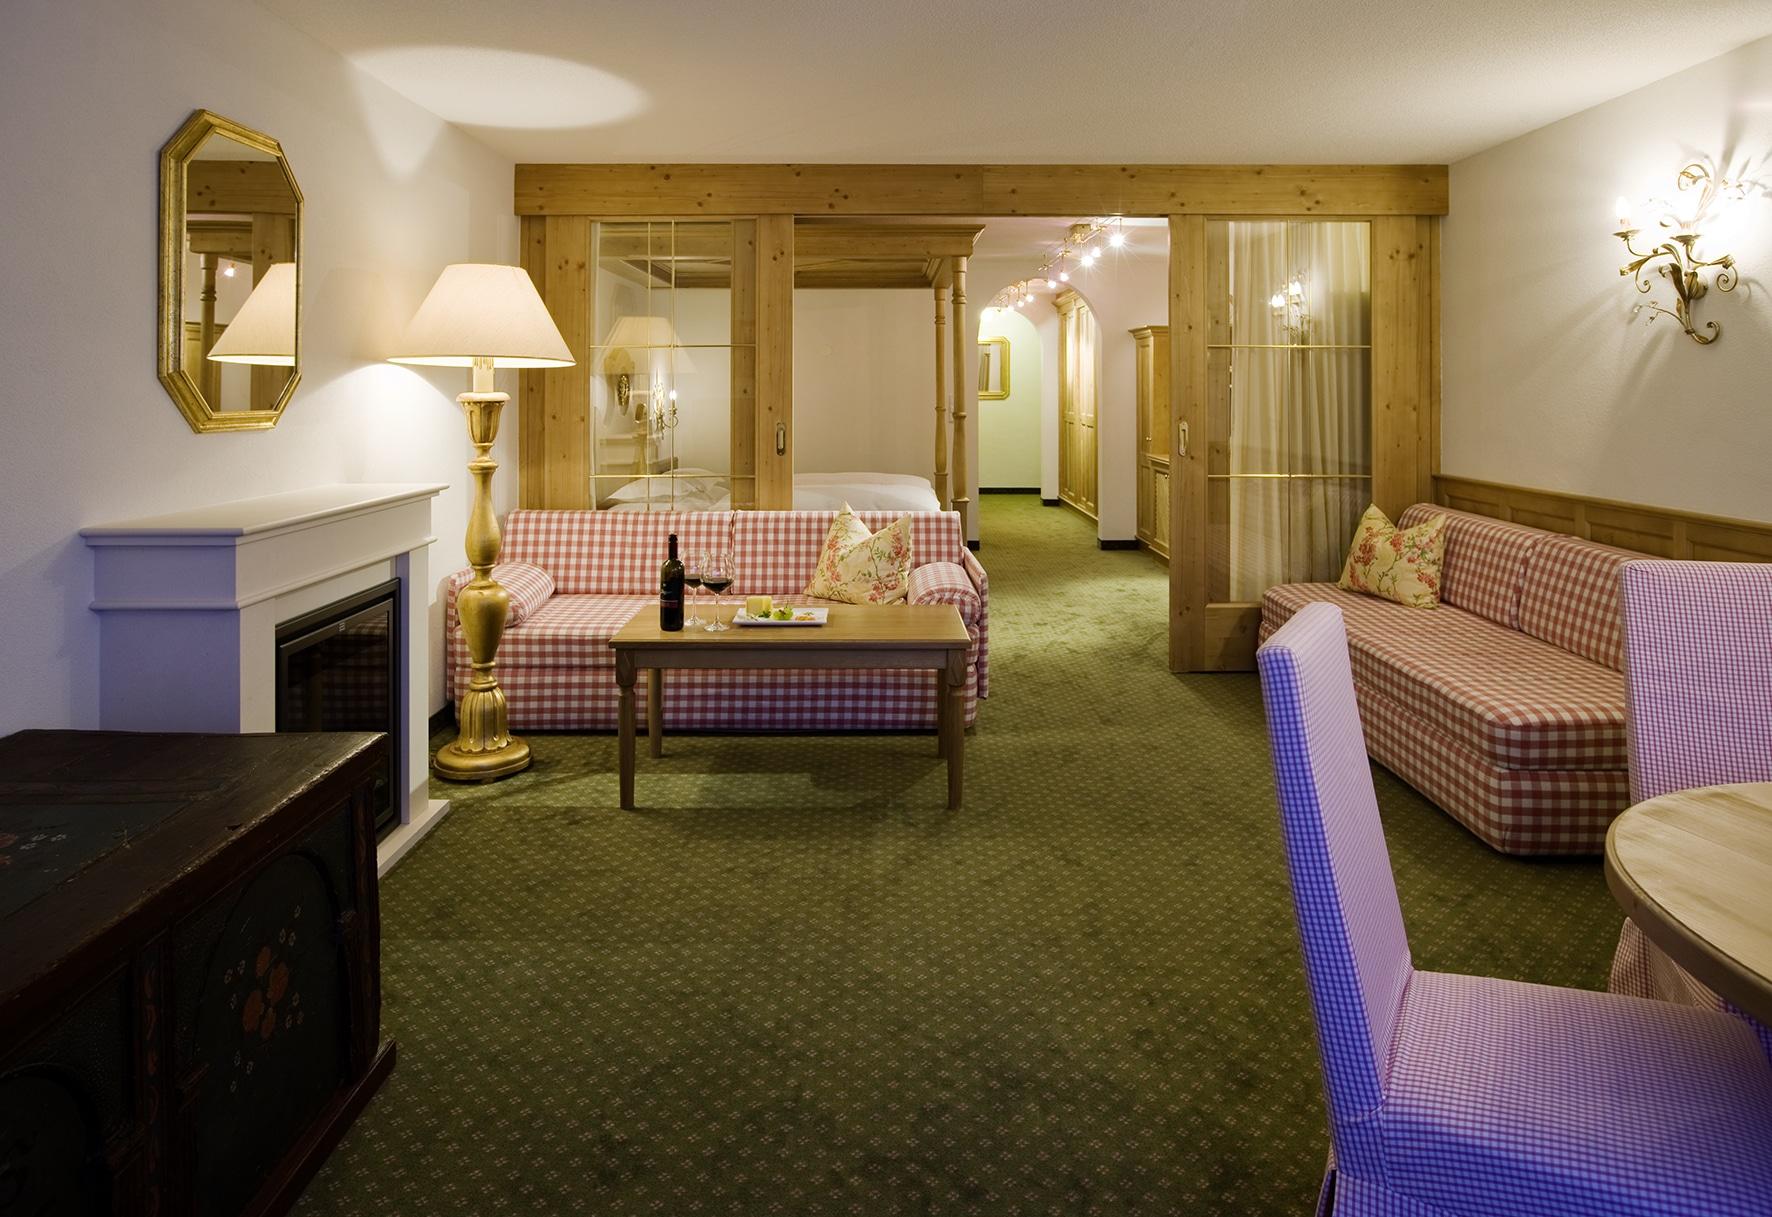 Das Landhaus Sonnenburg ist ein exklusives 4 Sterne Superior Hotel in Lech am Arlberg.